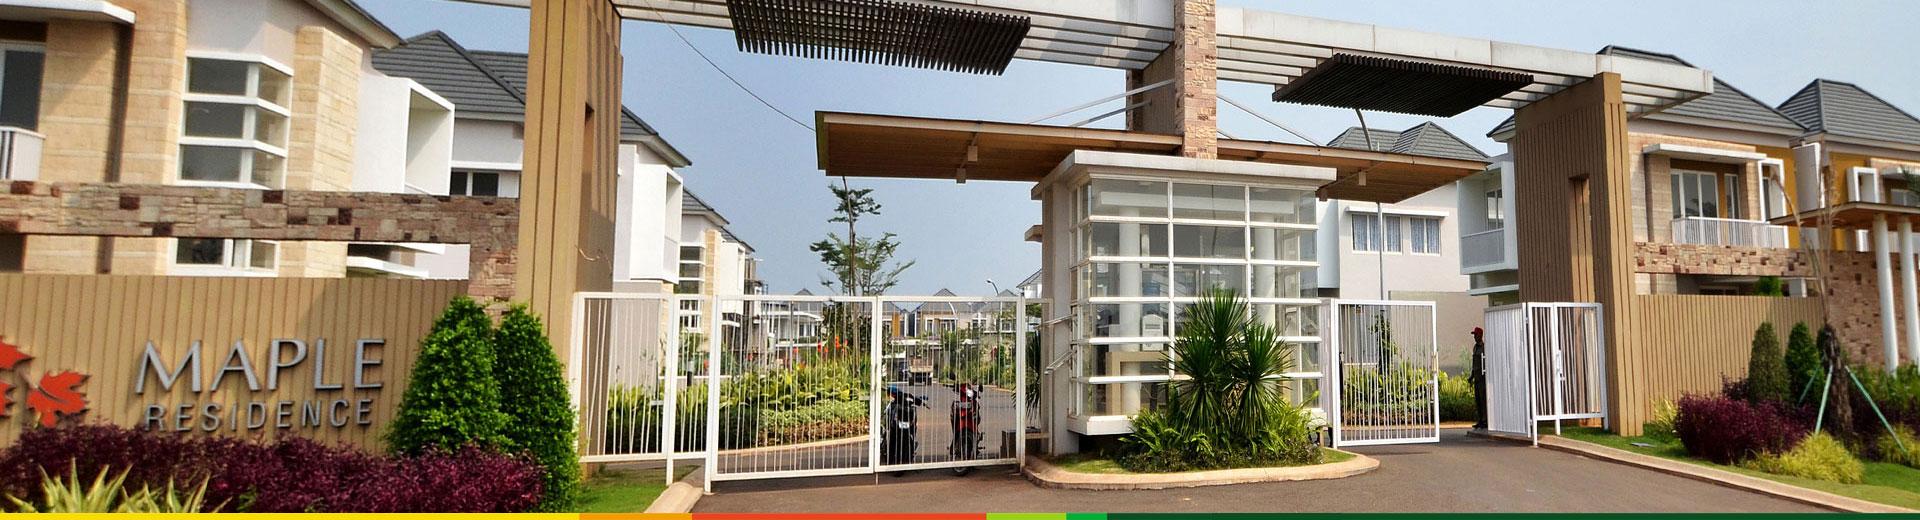 banner-maple-residence-1